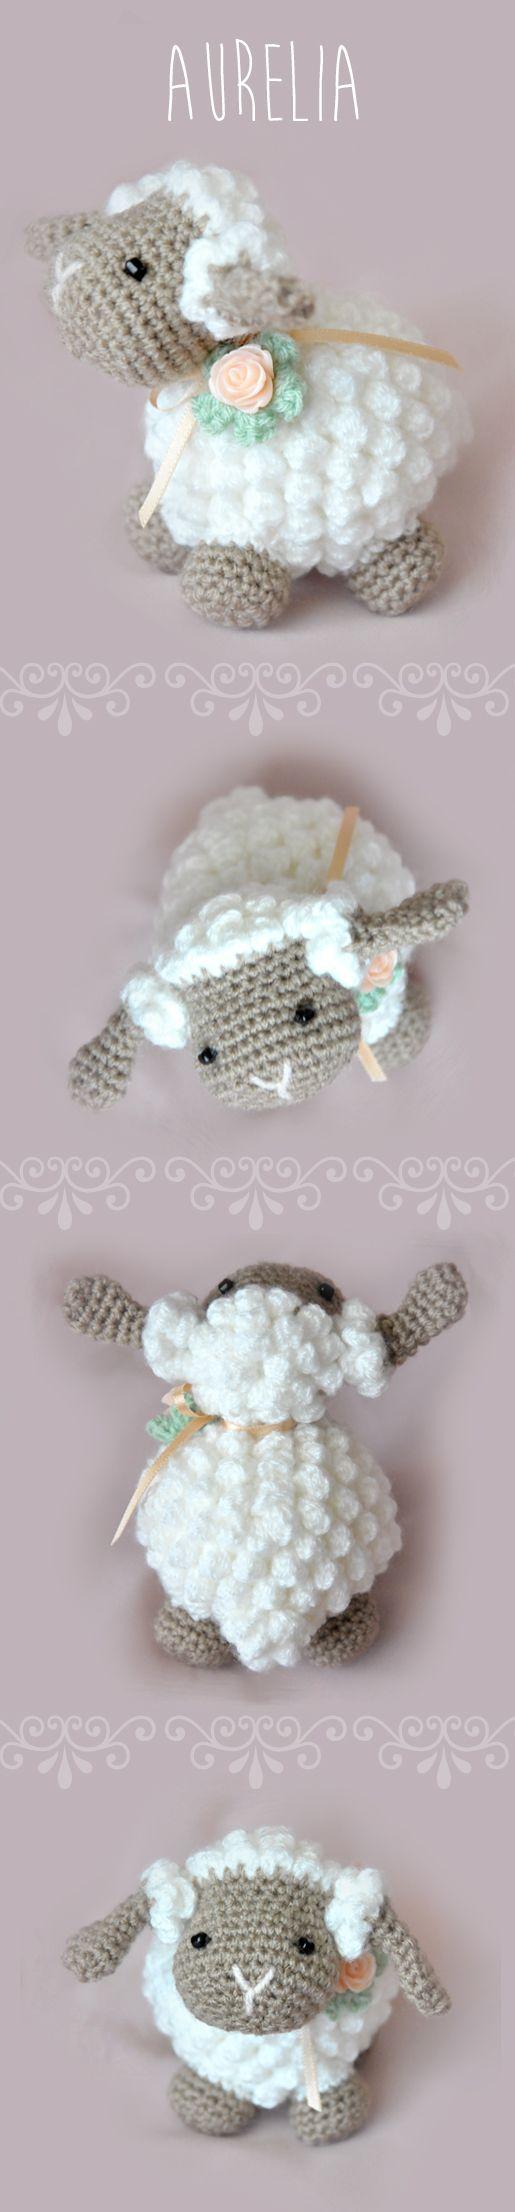 Chica outlet - ovejita Aurelia | muñecas, osos, muñecos de peluche ...